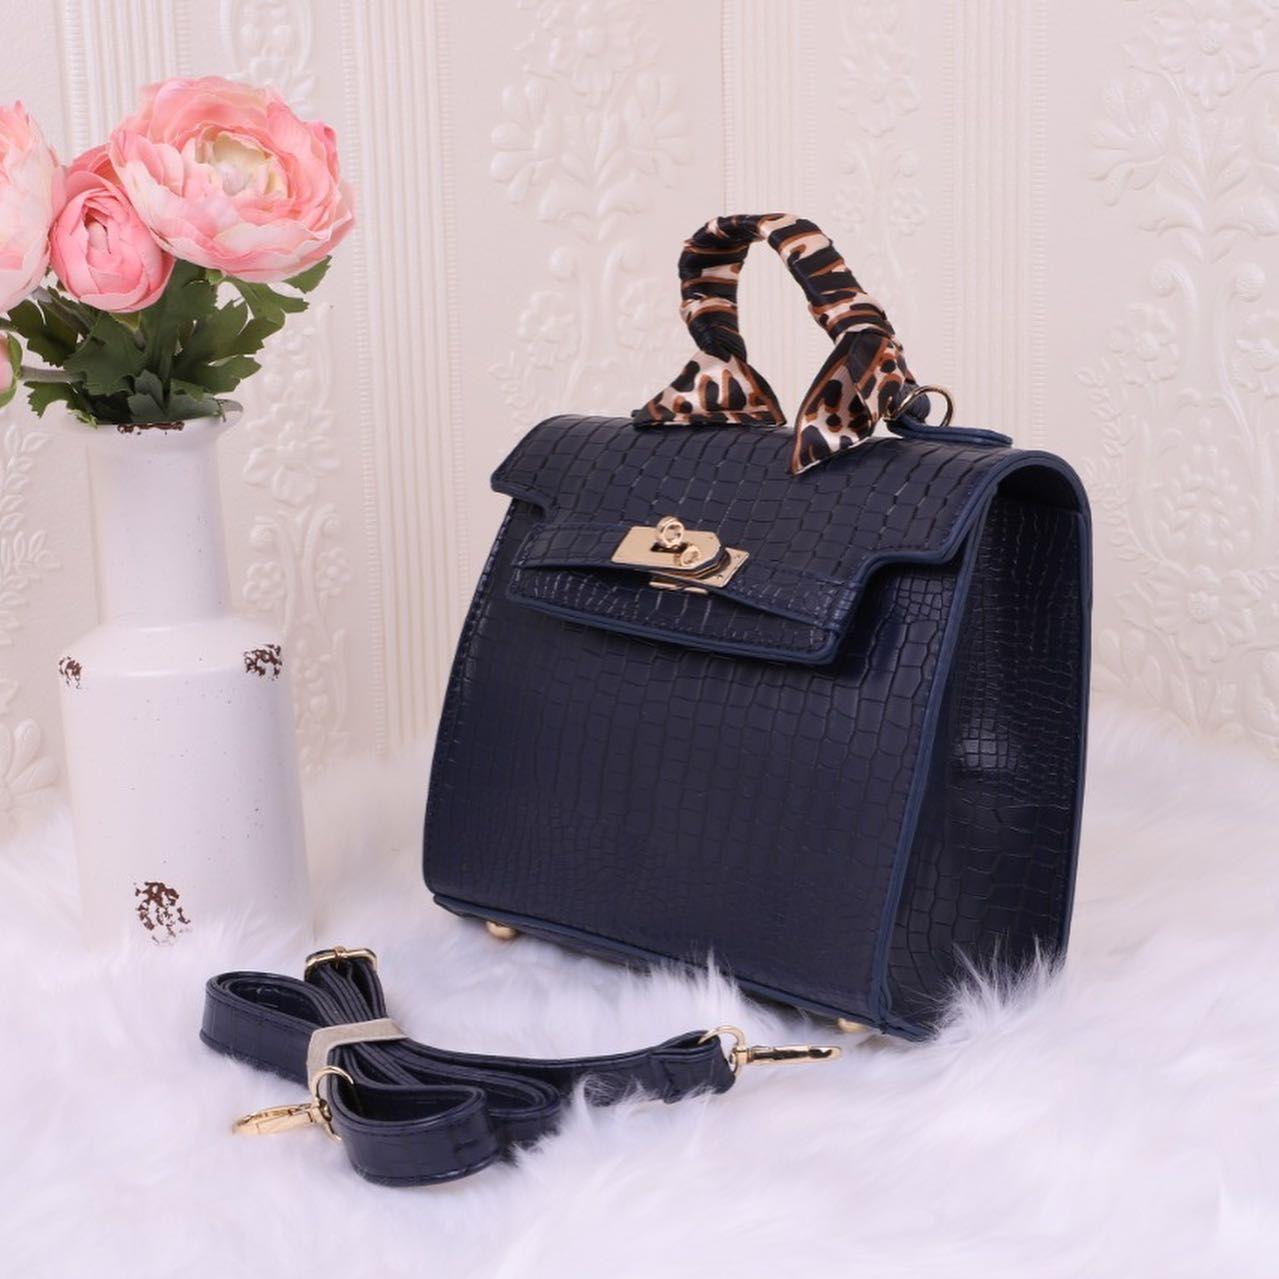 وفرت لكم موديلات جديدة شنطة نسائي راقي سعر ٩٥ 211001 Blue Top Handle Bag Hermes Kelly Bags